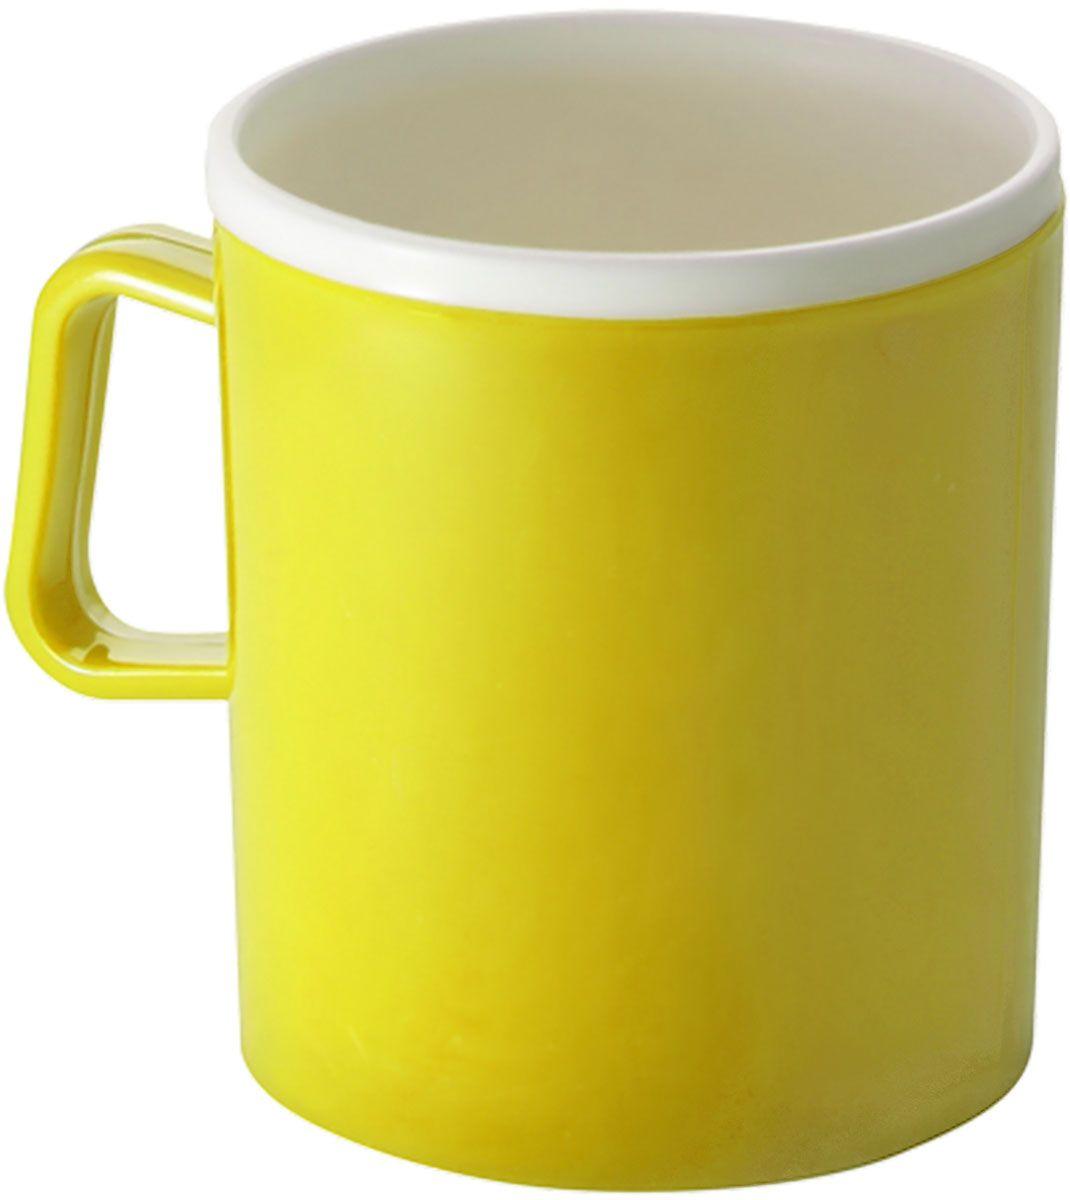 Термокружка Plastic Centre, двойная, цвет: желтый, 0,35 лПЦ1120ЛМНТермокружка с двойными стенками предназначена для горячих напитков и прекрасно сохраняет их температуру. Прочный пластик подходит для многократного использования. Легкую кружку удобно взять с собой на природу или в поездку. Объем 0,35 л.